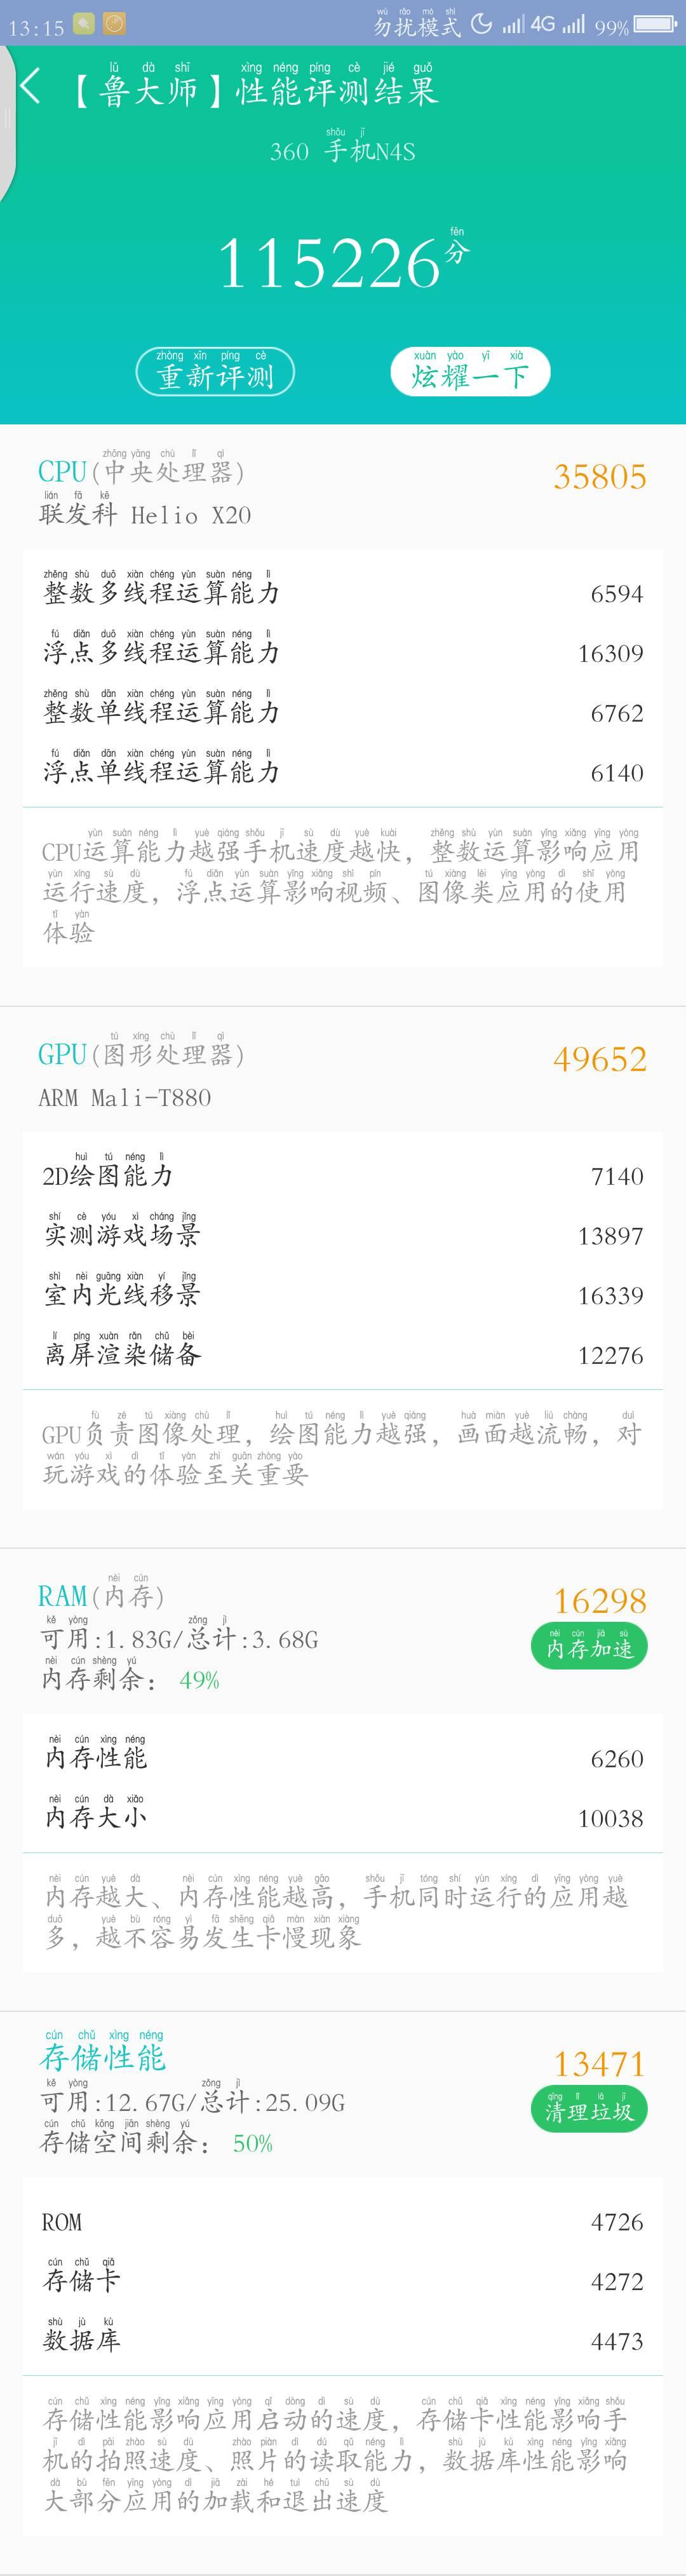 Screenshot_2017-06-20-13-16-06_compress.png